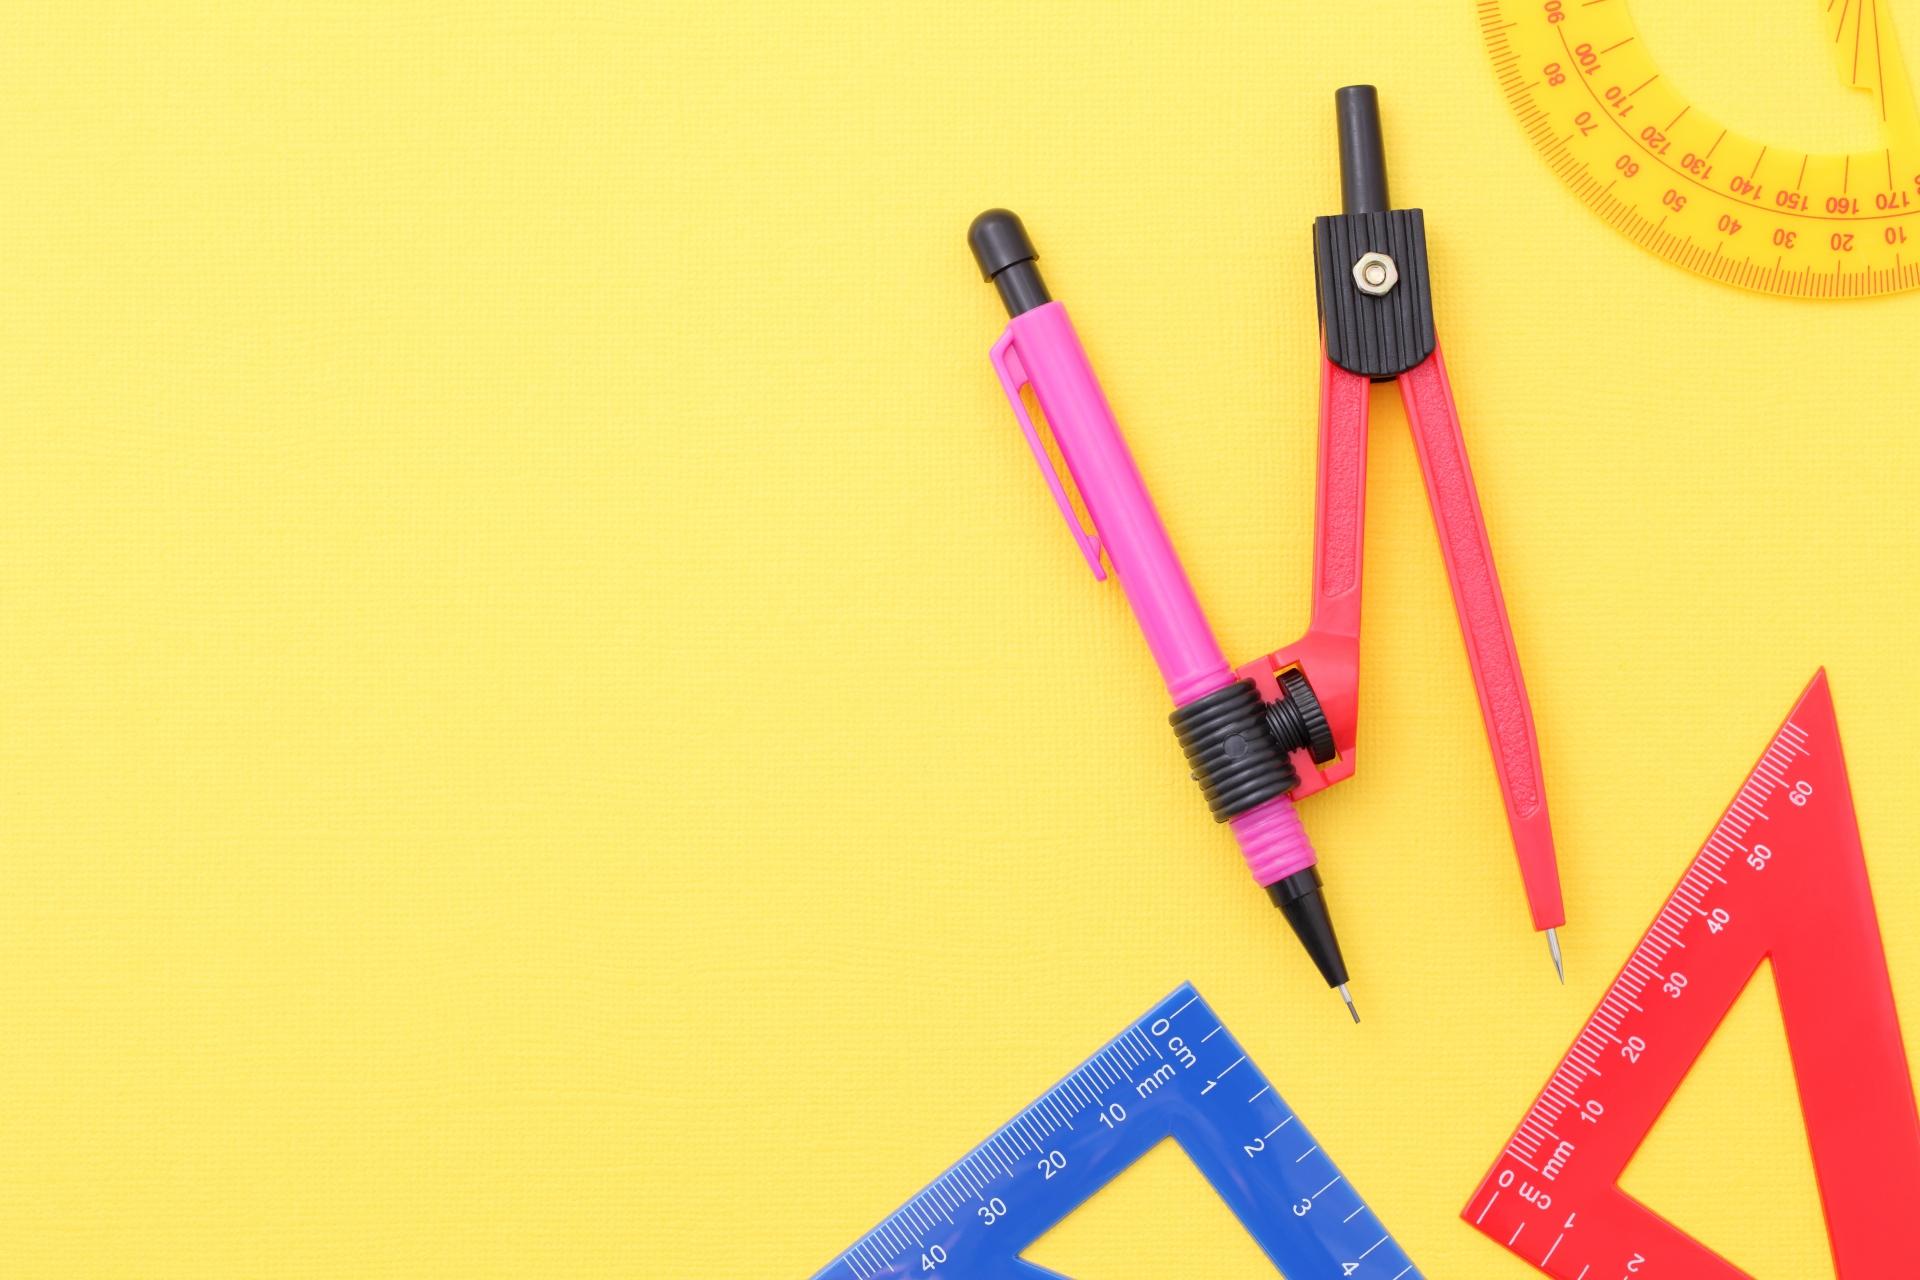 コンパスのおすすめ9選!小さな子どもでも使いやすいものや製図用も